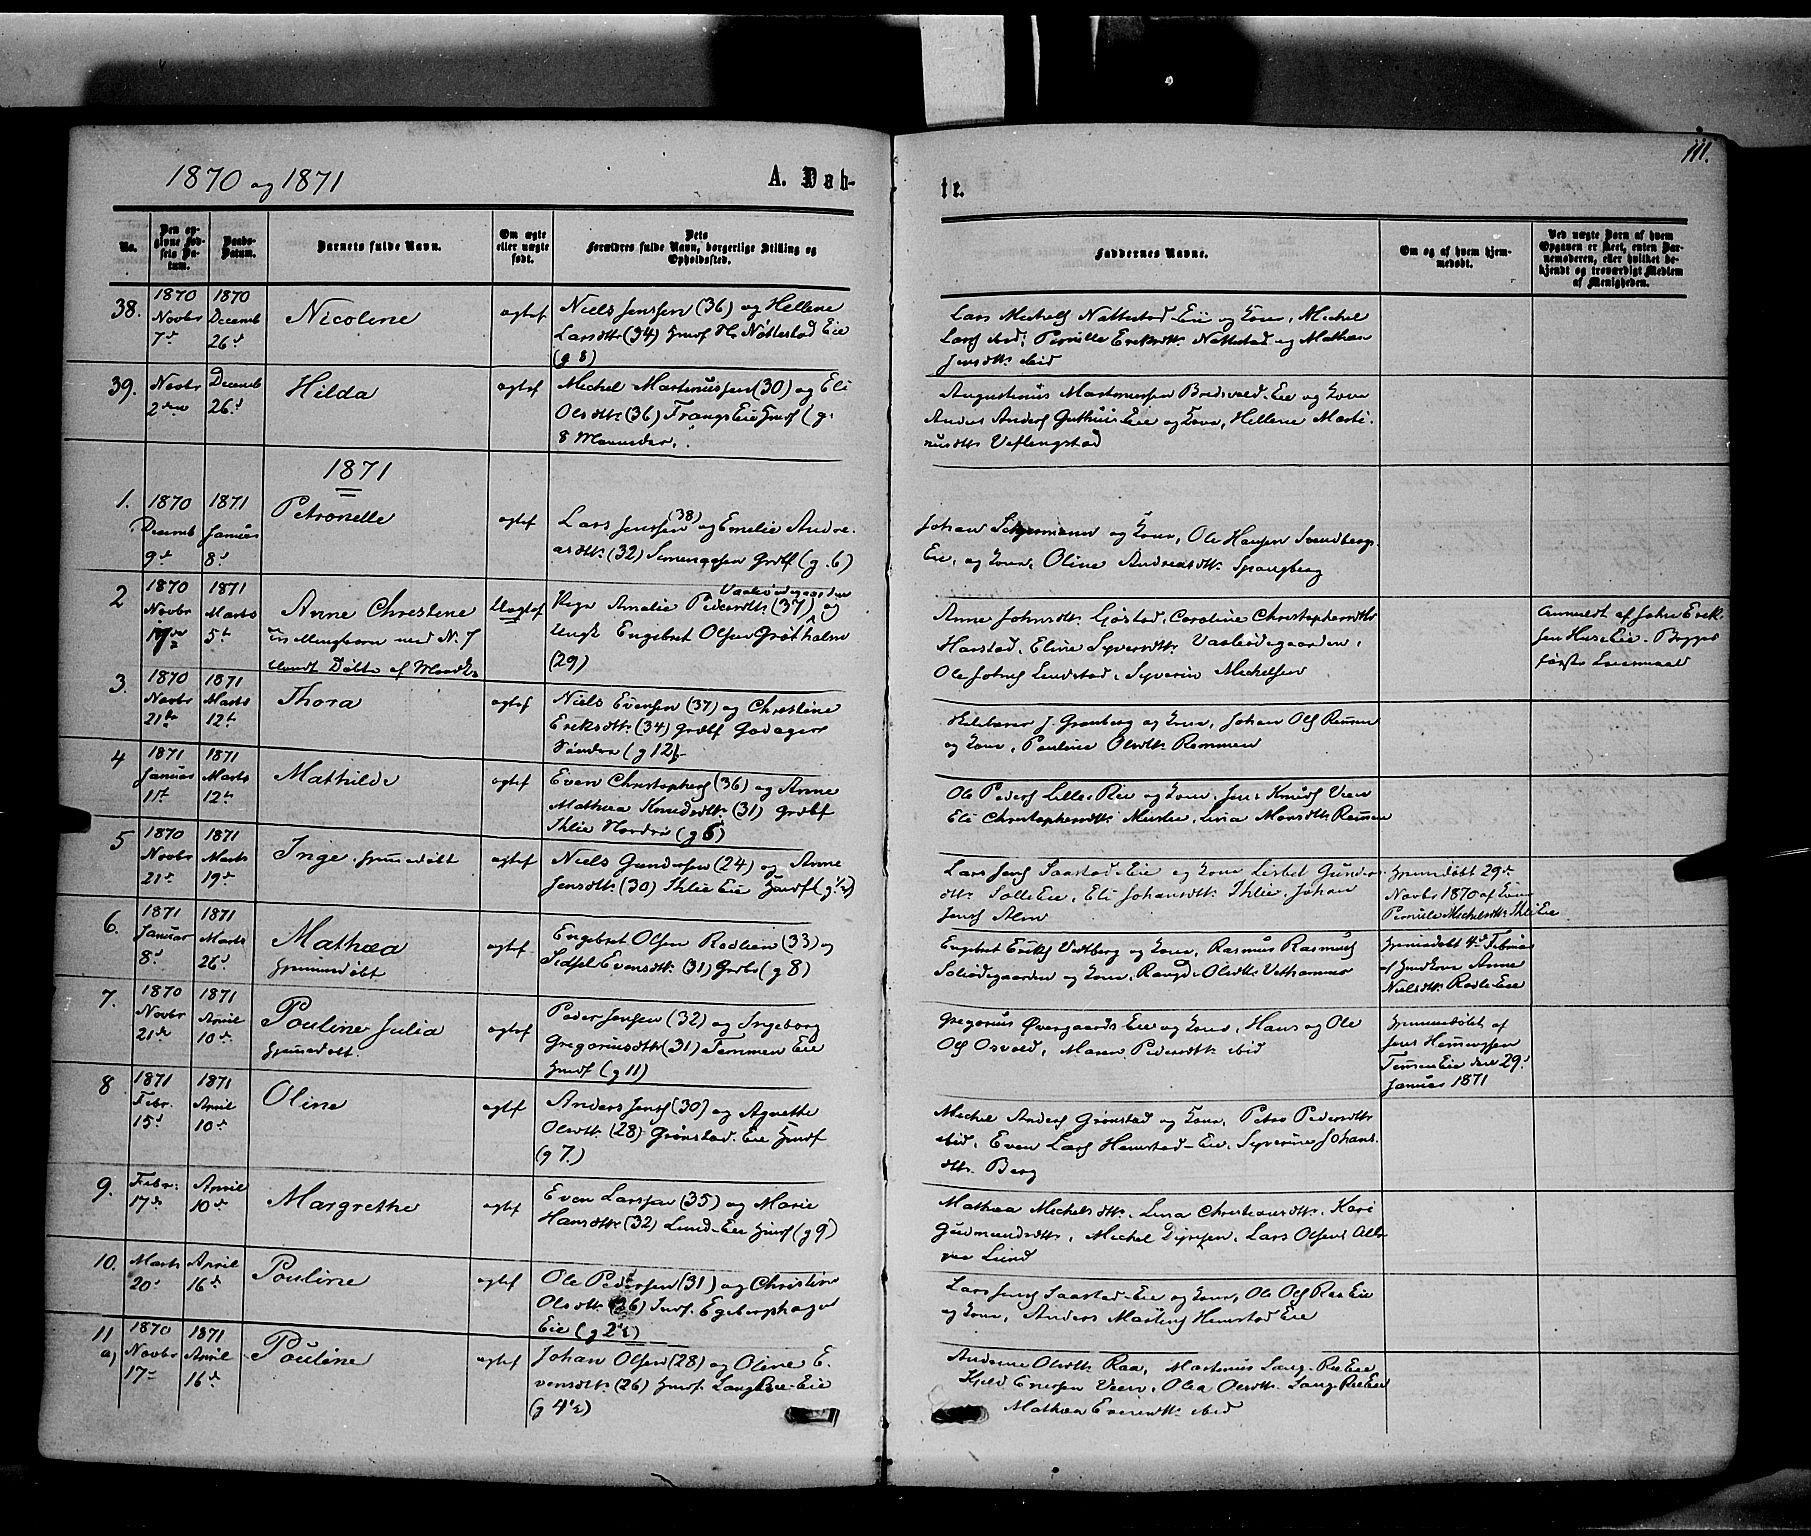 SAH, Stange prestekontor, K/L0013: Parish register (official) no. 13, 1862-1879, p. 111